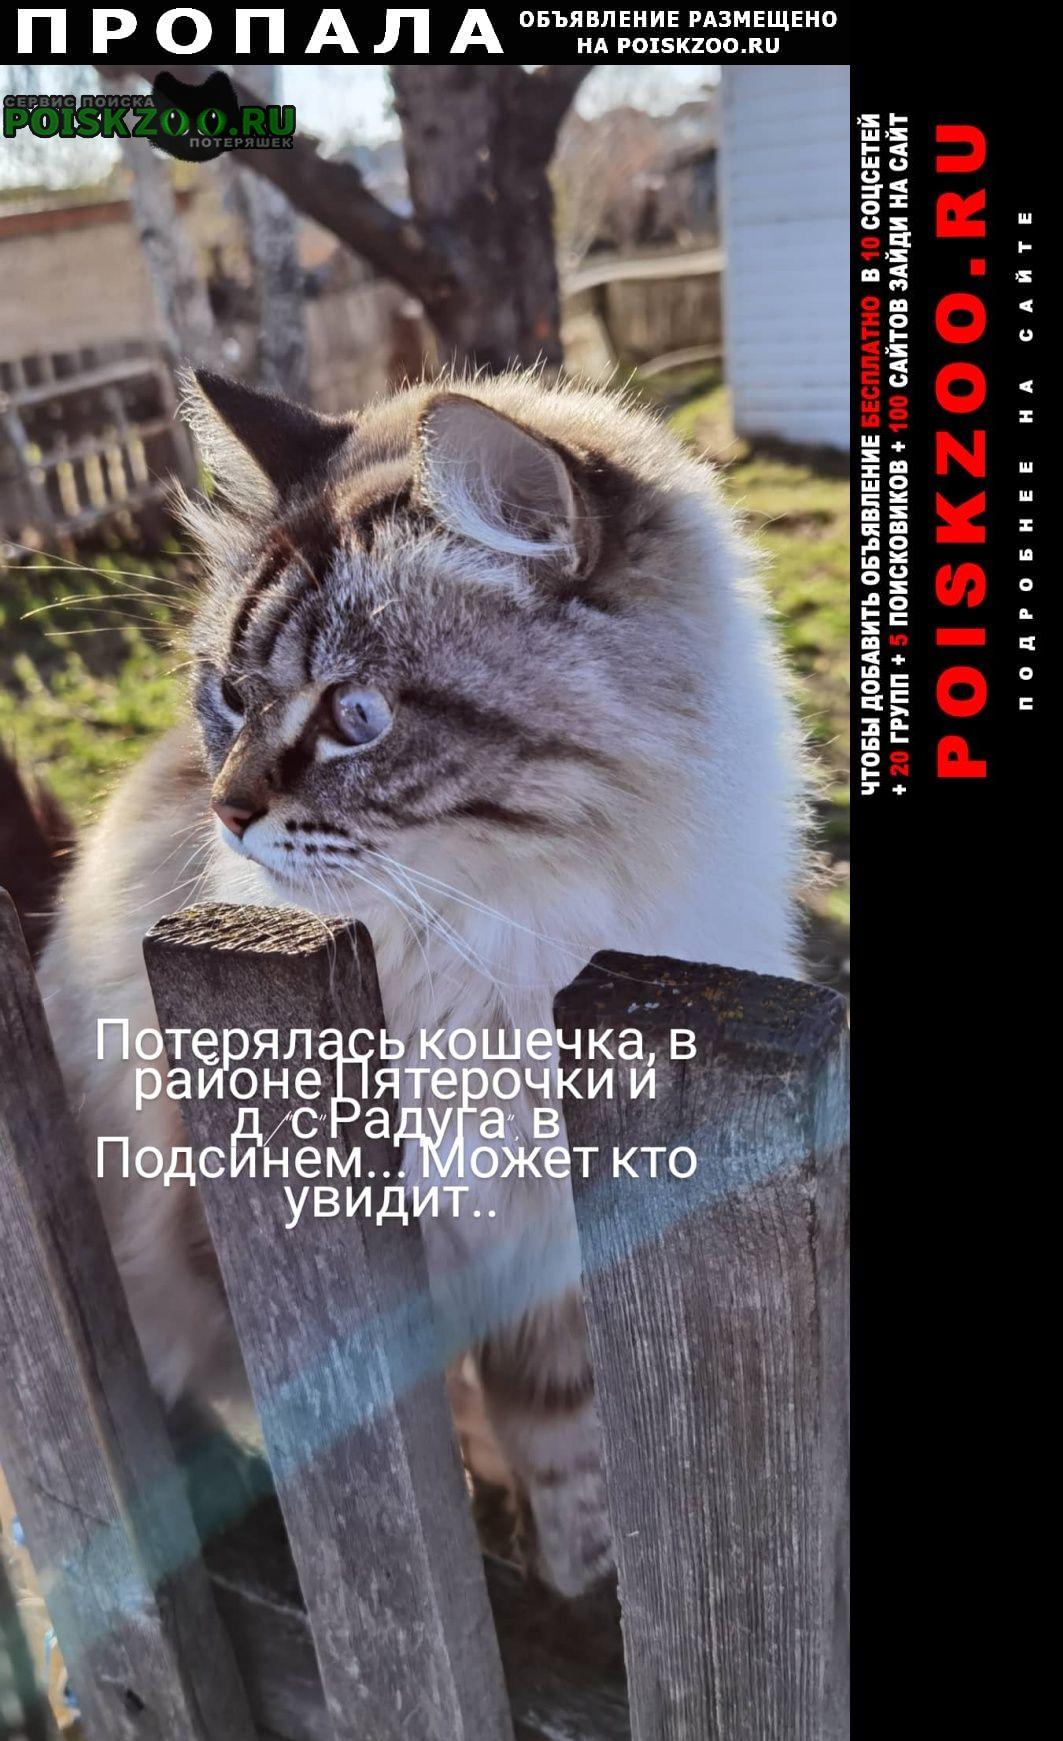 Пропала кошка помогите Абакан Хакасия